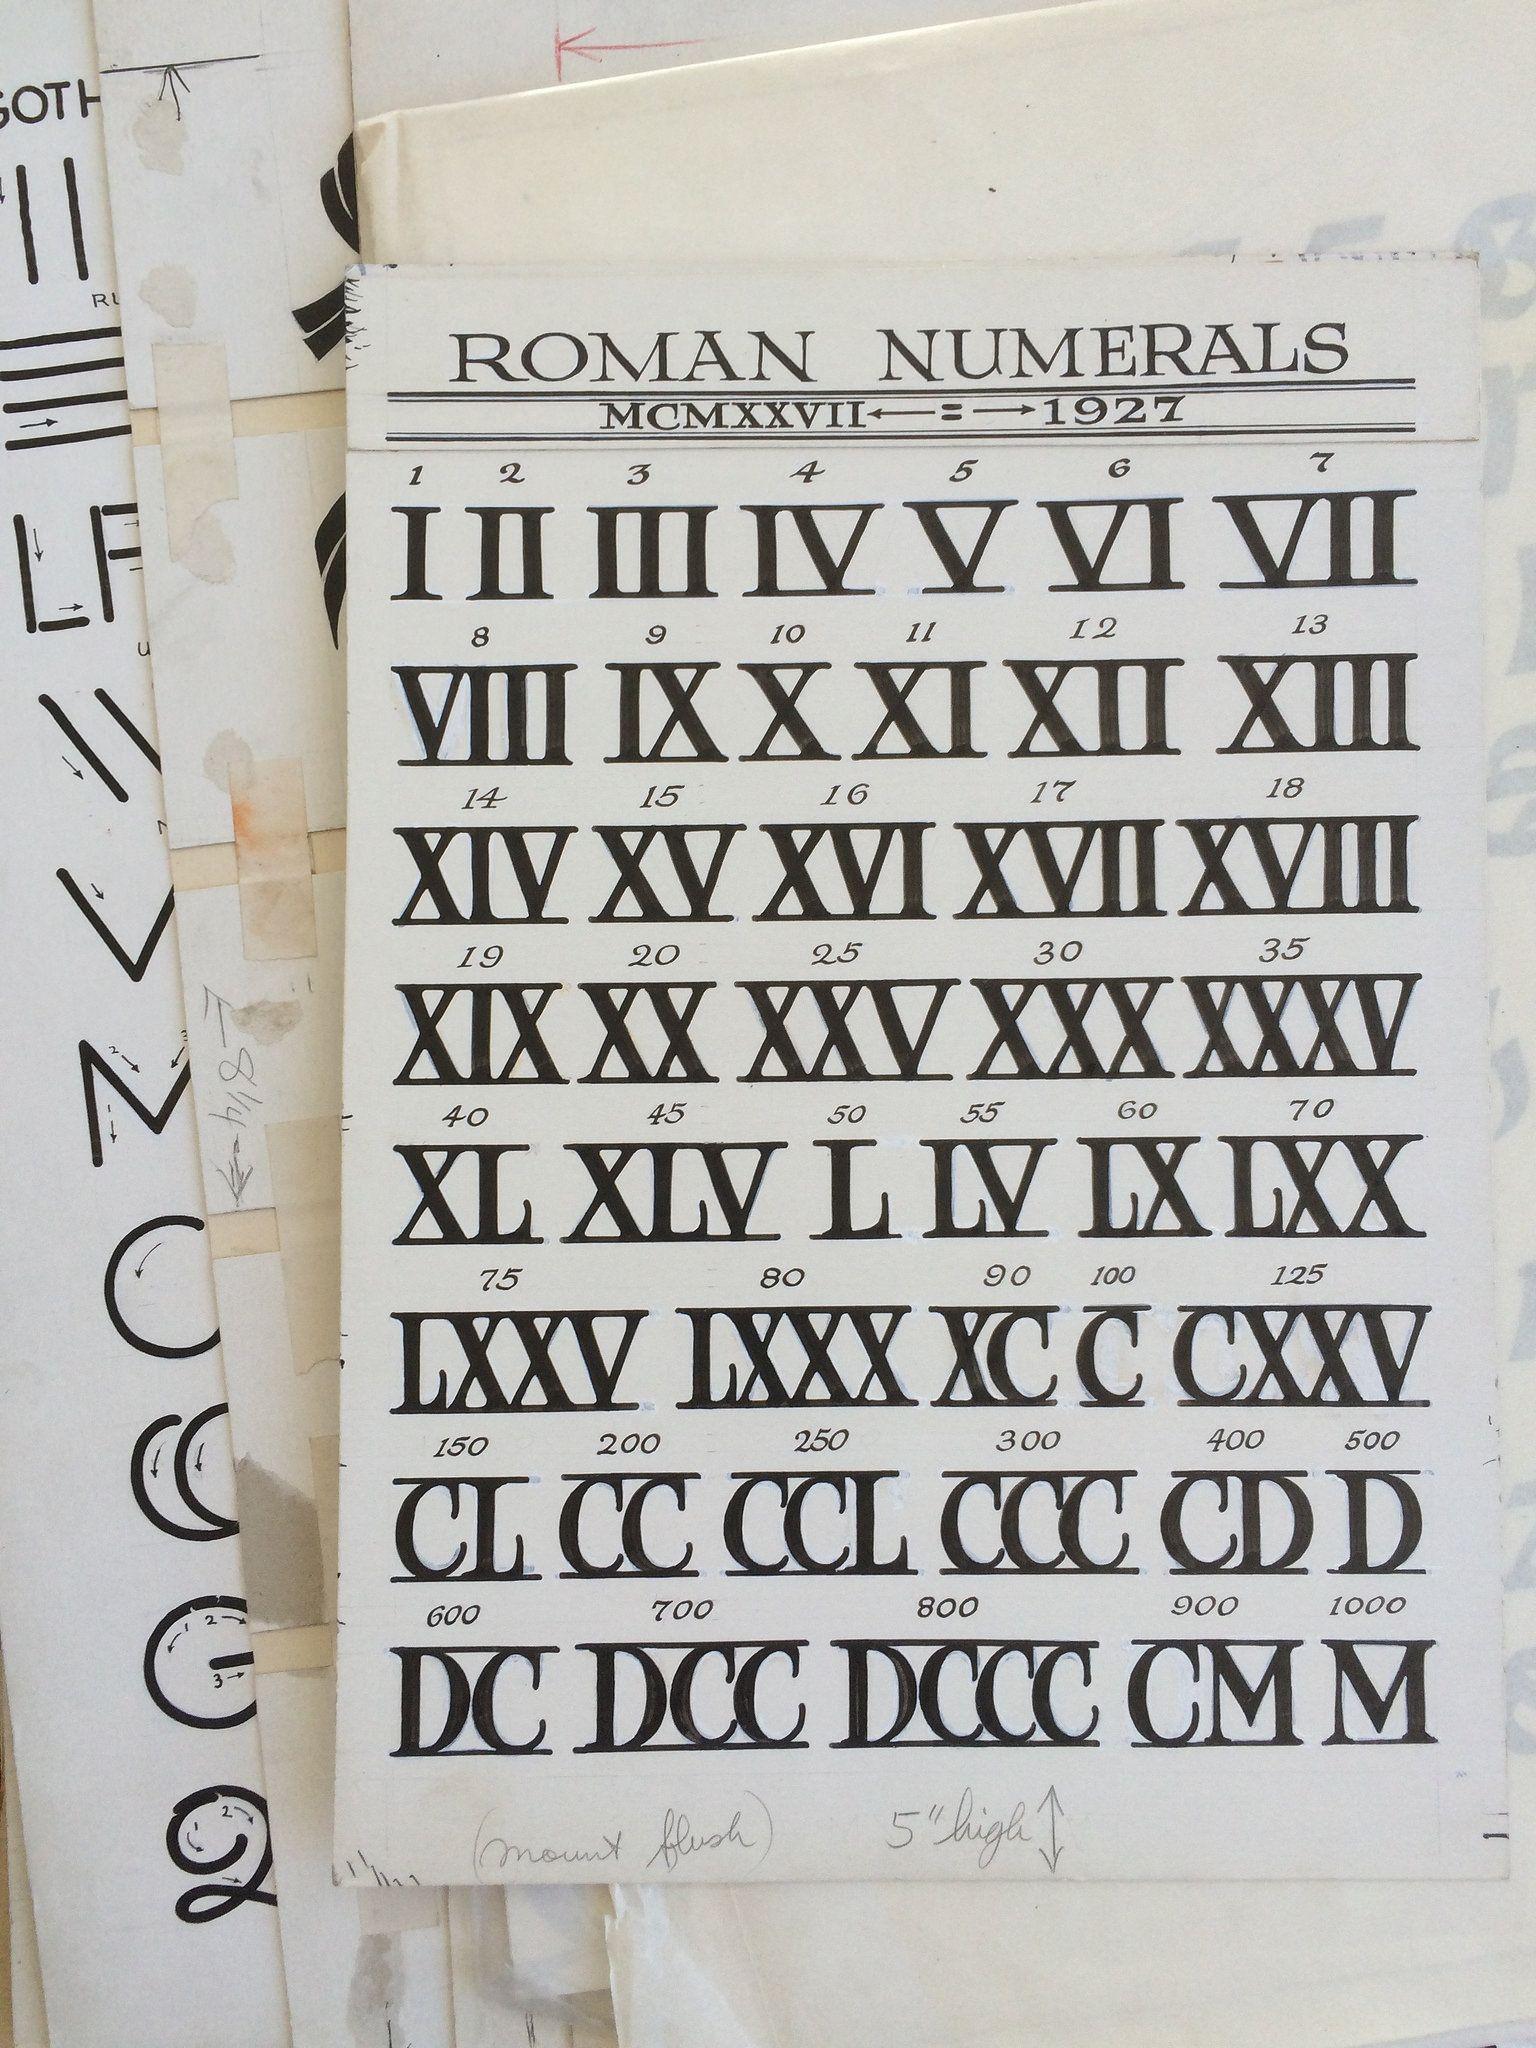 Roman Numerals Tattoo Fonts : roman, numerals, tattoo, fonts, ROMAN, NUMERALS, Roman, Numbers, Tattoo,, Numeral, Font,, Numerals